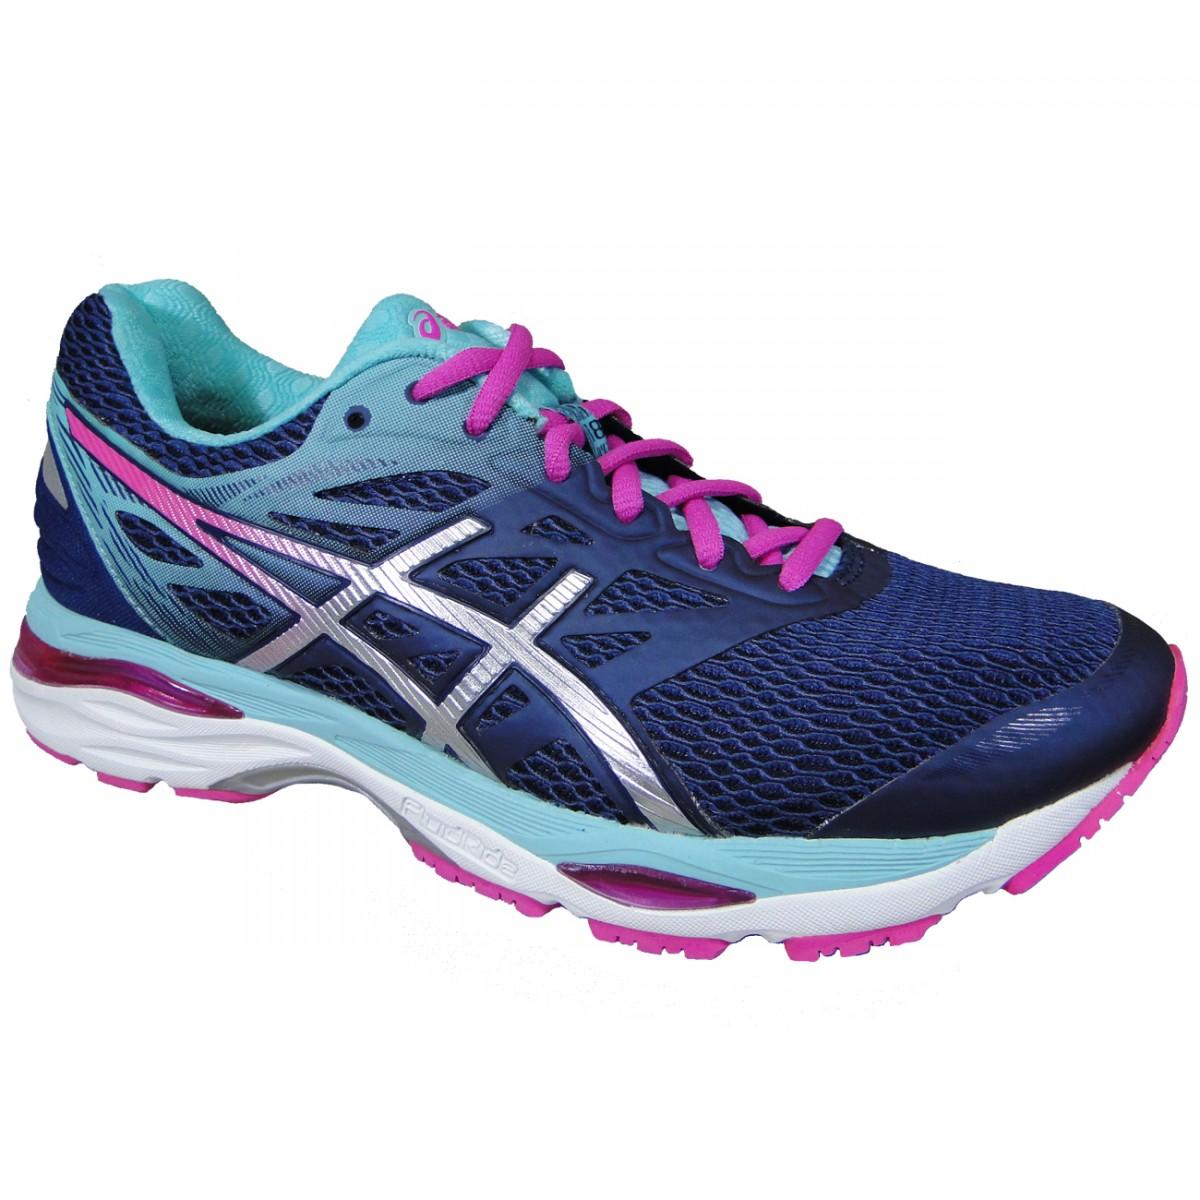 7f5c8caf5e4 Tenis Asics Gel-Cumulus 18 T6C8N 4993 - Marinho Verde Agua Pink - Chuteira  Nike